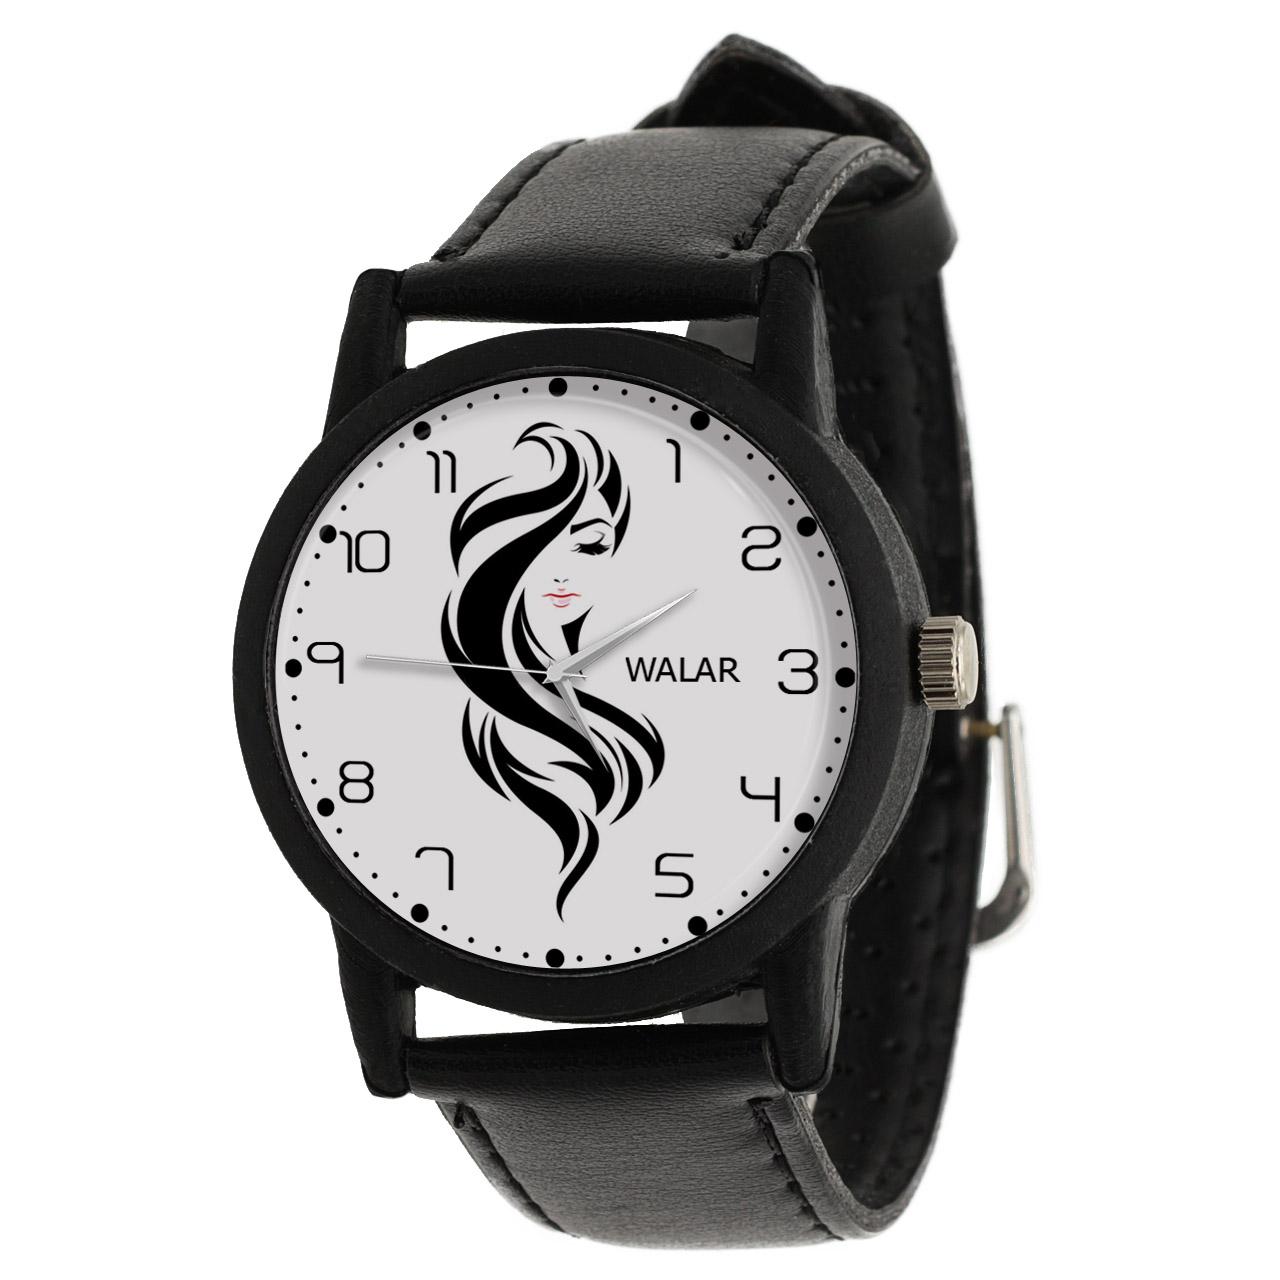 ساعت مچی عقربه ای زنانه والار کد LF2795              خرید (⭐️⭐️⭐️)